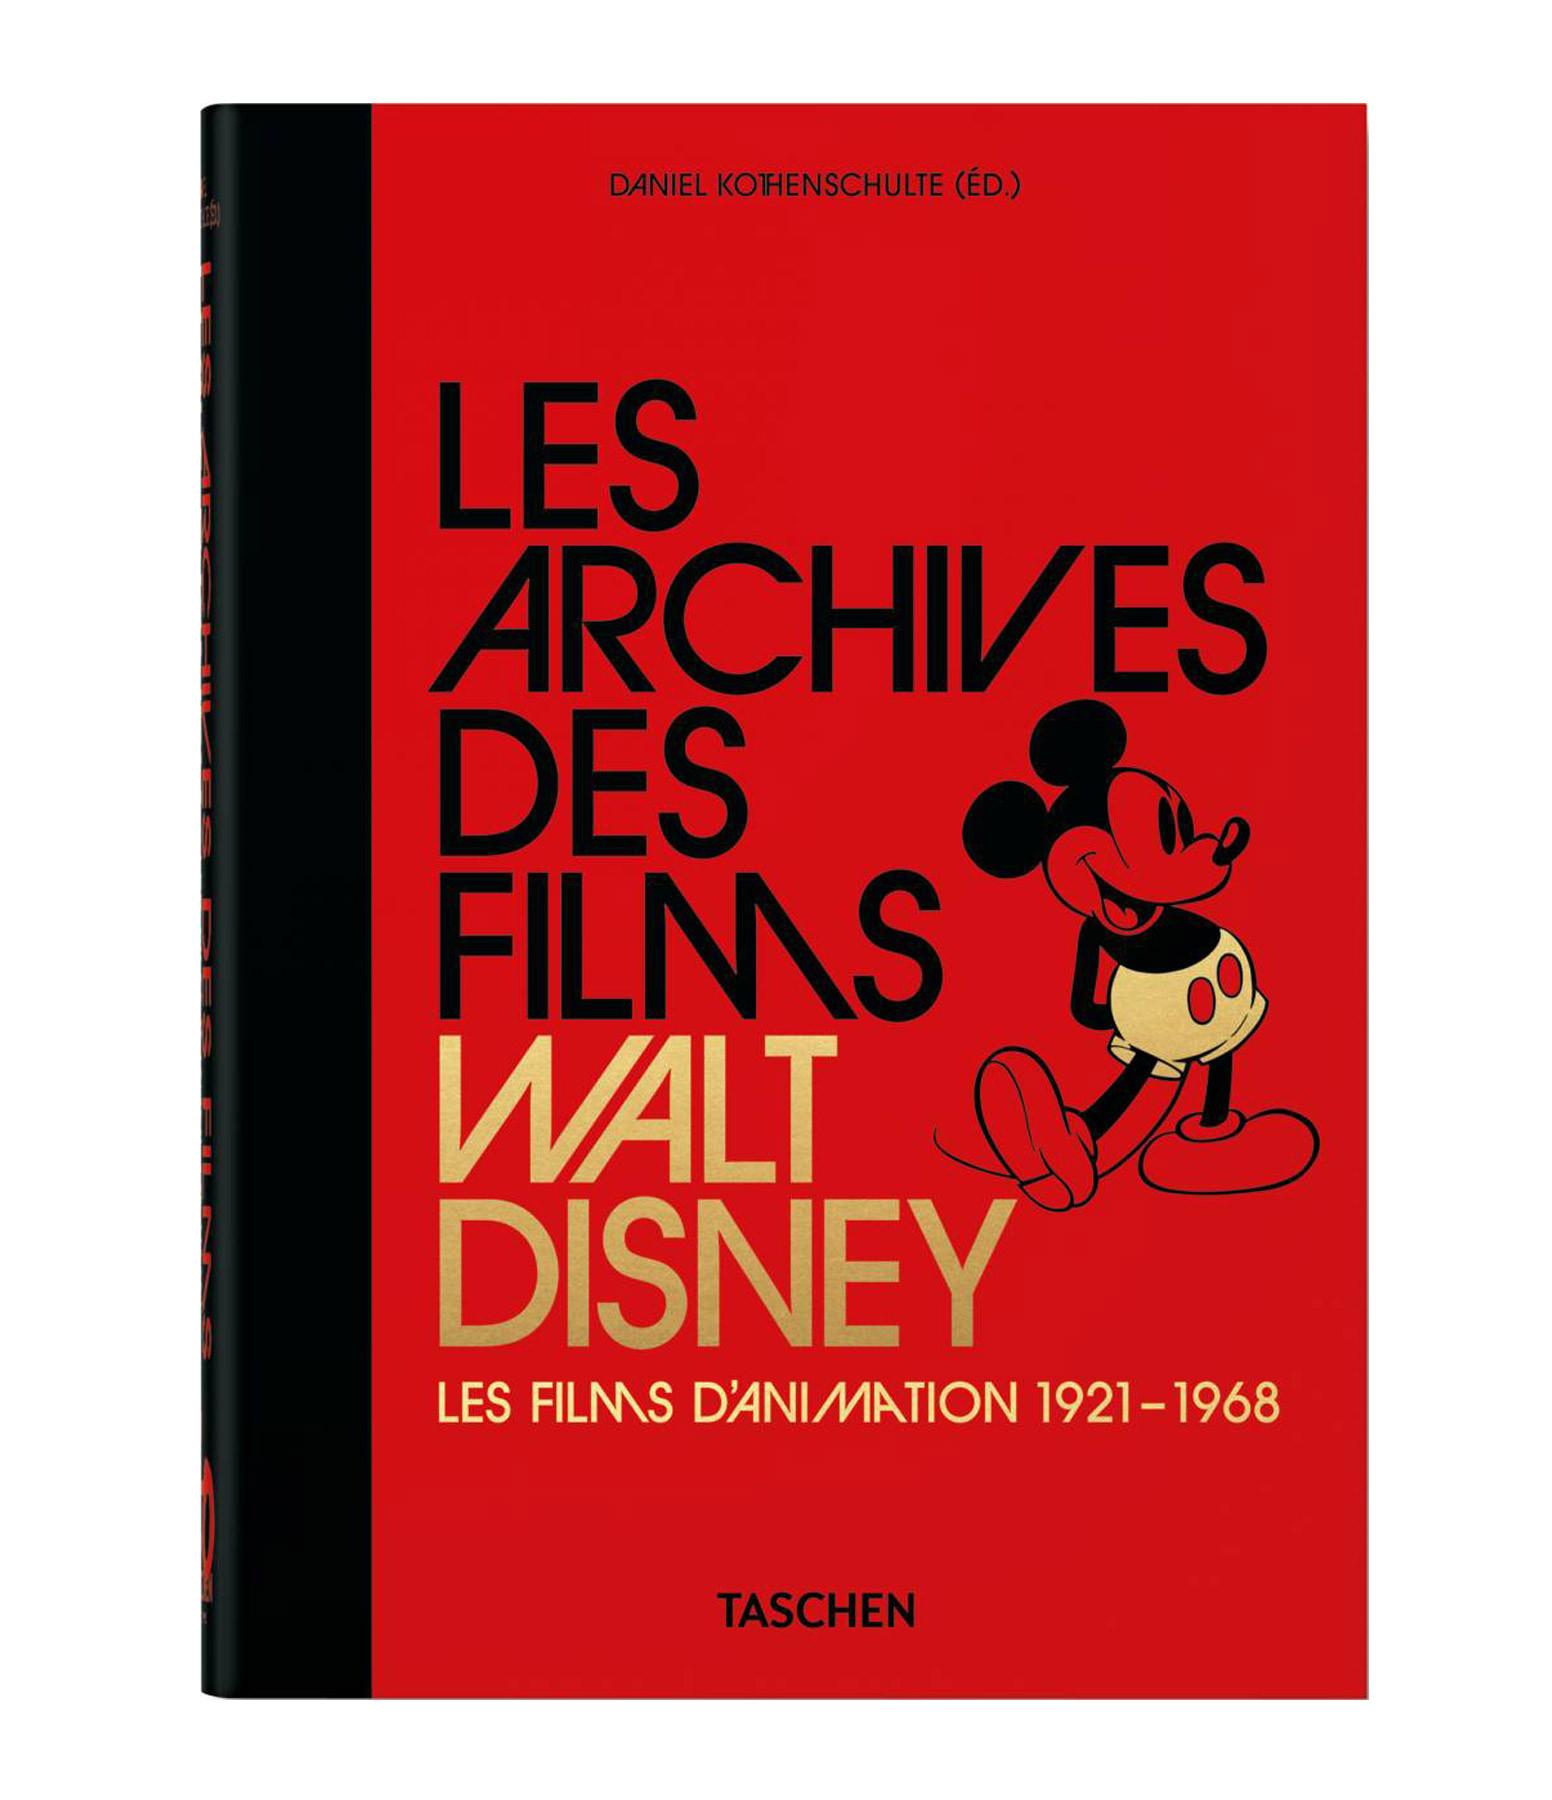 TASCHEN - Livre Les Archives des Films Walt Disney, Les Films d'Animation